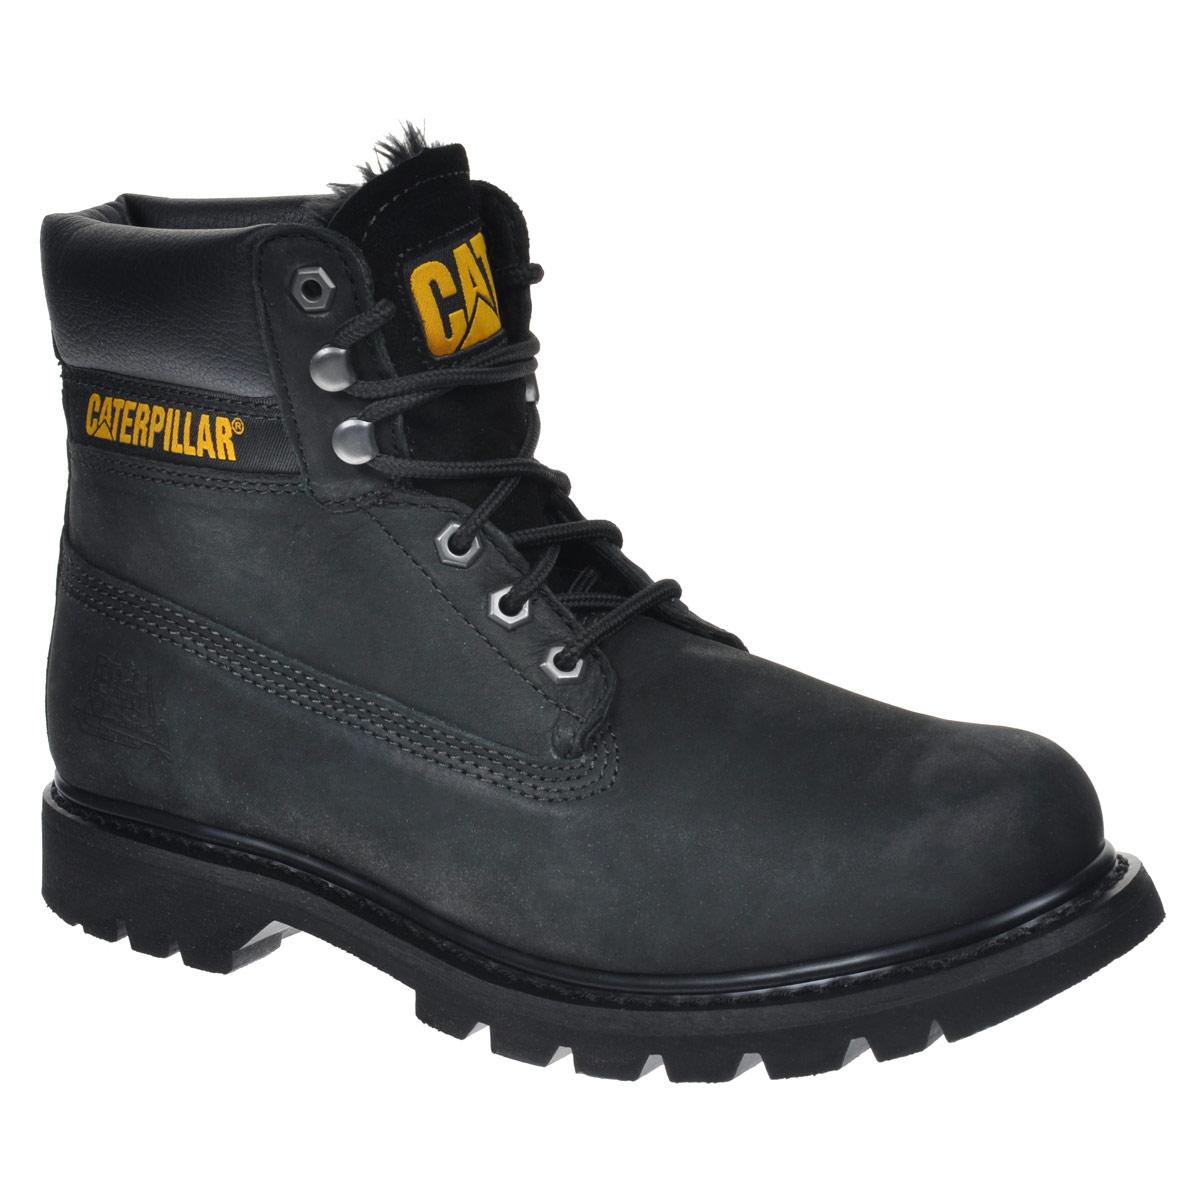 Ботинки мужские Caterpillar Colorado Fur, цвет: черный. P718140. Размер 9 (42)P718140Стильные мужские ботинки Colorado Fur от Caterpillar надежно защитят вас от холода. Верх выполнен из натуральной кожи со вставками из полиуретана. Подкладка изготовлена из мягкого искусственного меха, позволяющего сохранять ваши ноги в тепле. Шнуровка надежно фиксирует модель на ноге. Оформлено изделие по бокам и на язычке нашивками с названием и логотипом бренда, а сбоку на пятке - тиснением в виде бульдозера. Стельки из пластика EVA обеспечивают комфортное положение стопы и амортизацию. Резиновая подошва с крупным протектором обеспечивает хорошее сцепление с поверхностью.Такие ботинки отлично подойдут для каждодневного использования и подчеркнут ваш стиль и индивидуальность.